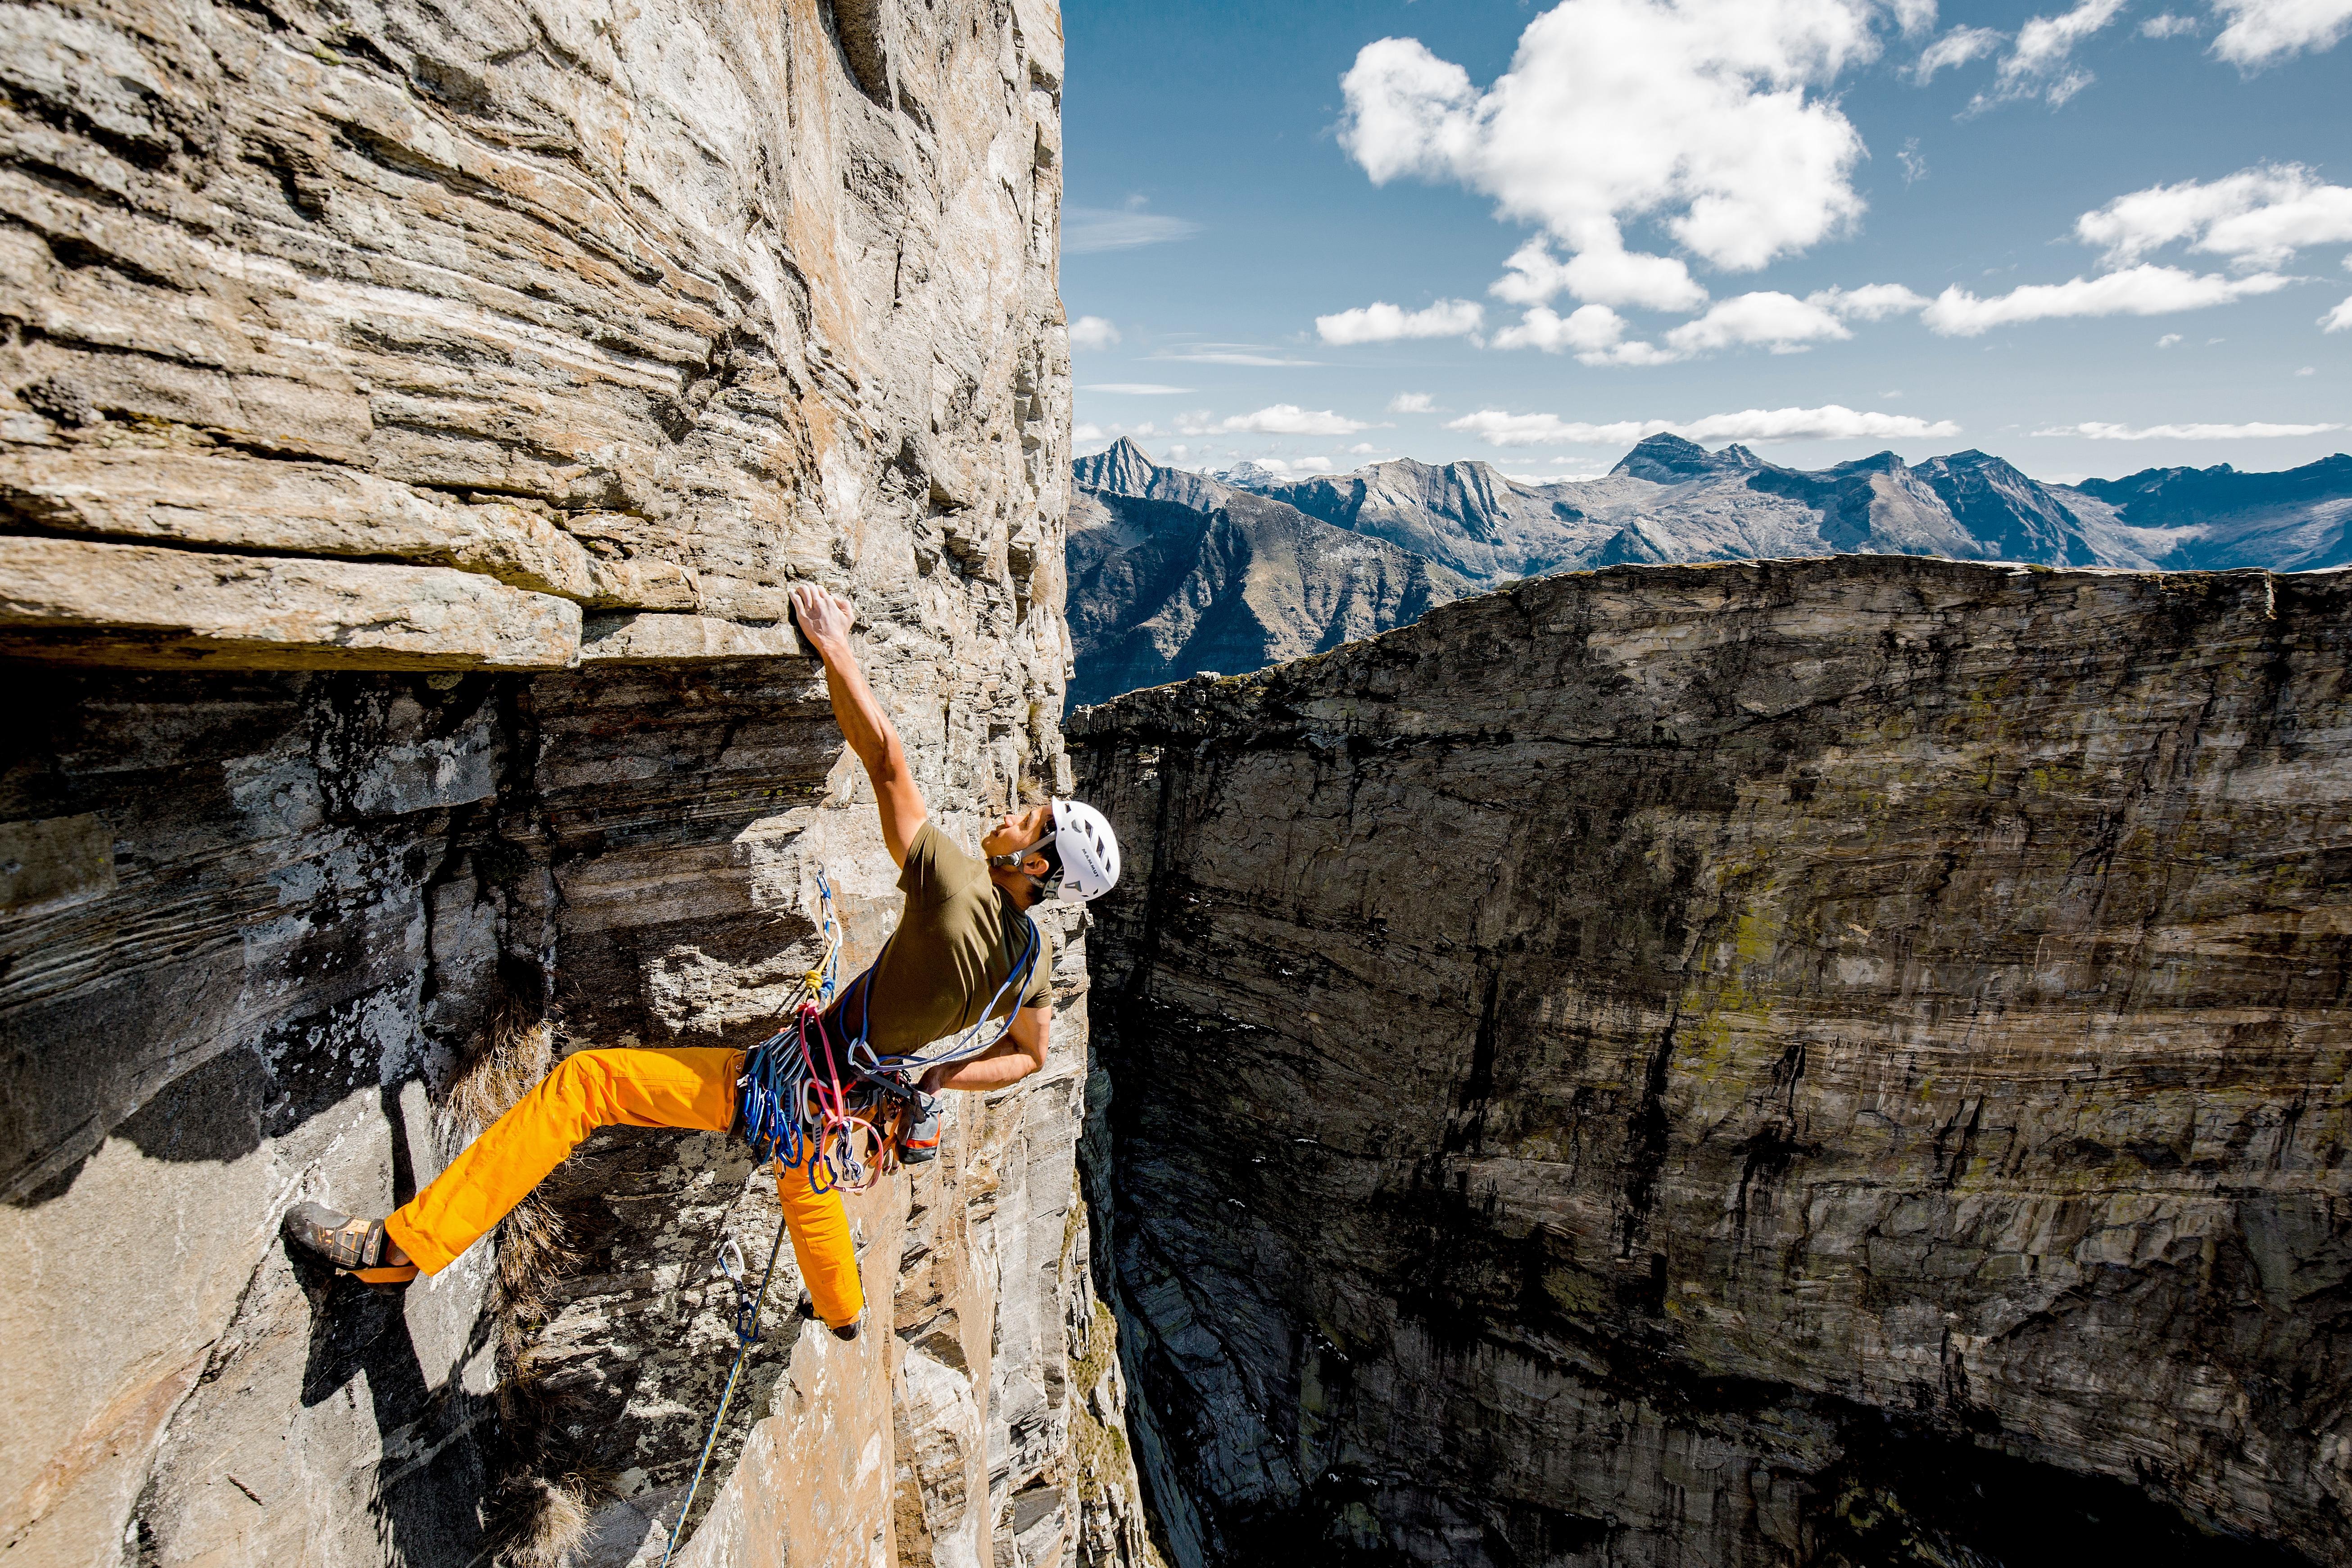 Kletterausrüstung Mammut : Mammut präsentiert starke kombi für mehr sicherheit beim klettern